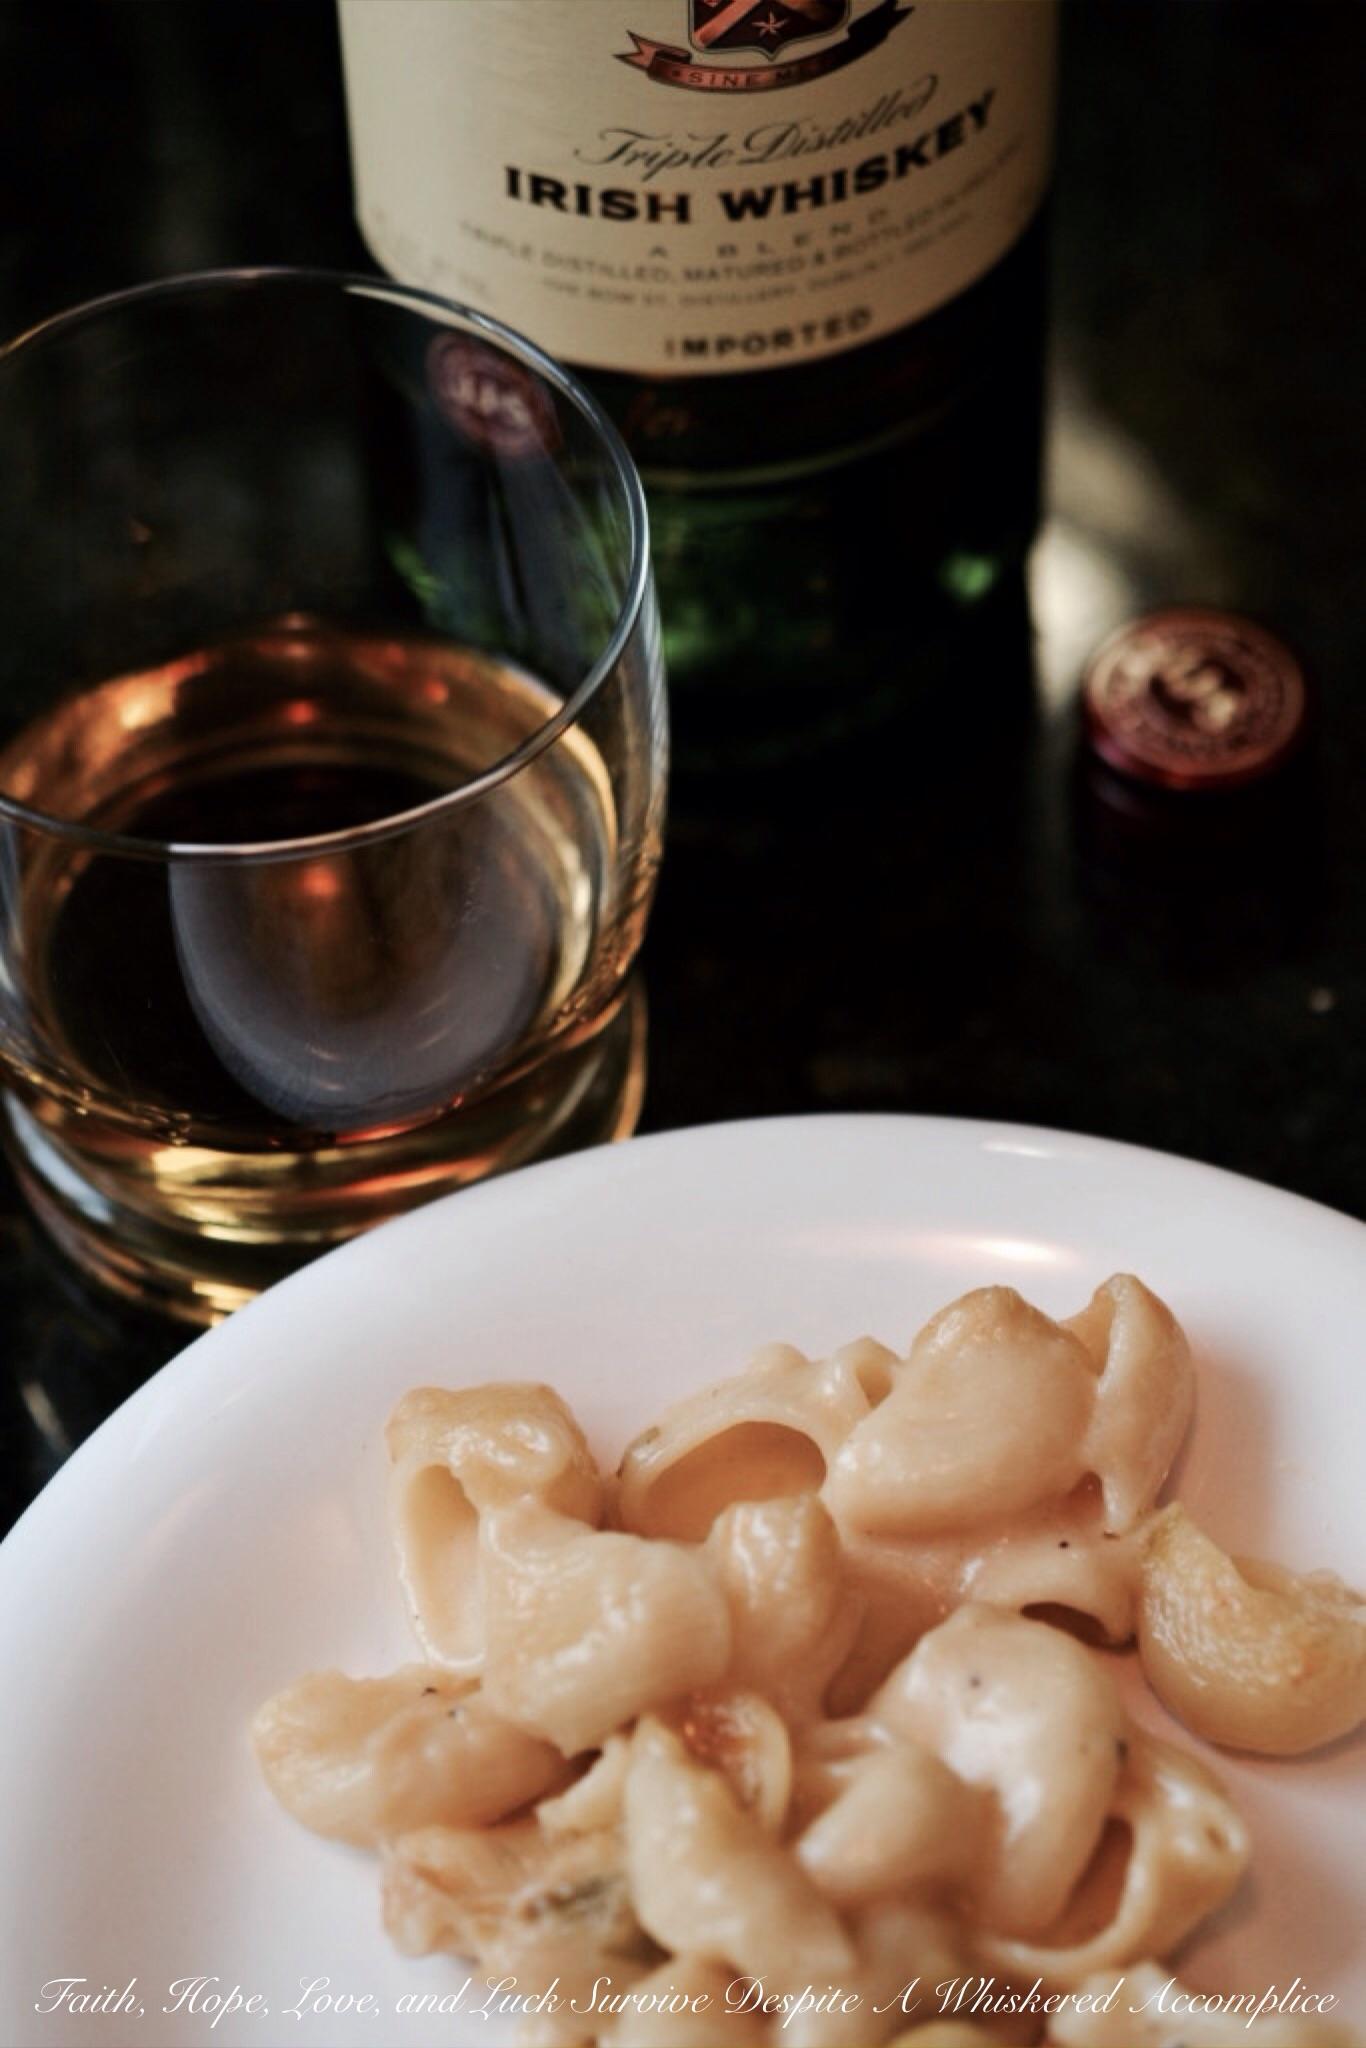 Irish Whiskey Scallion Mac and Cheese